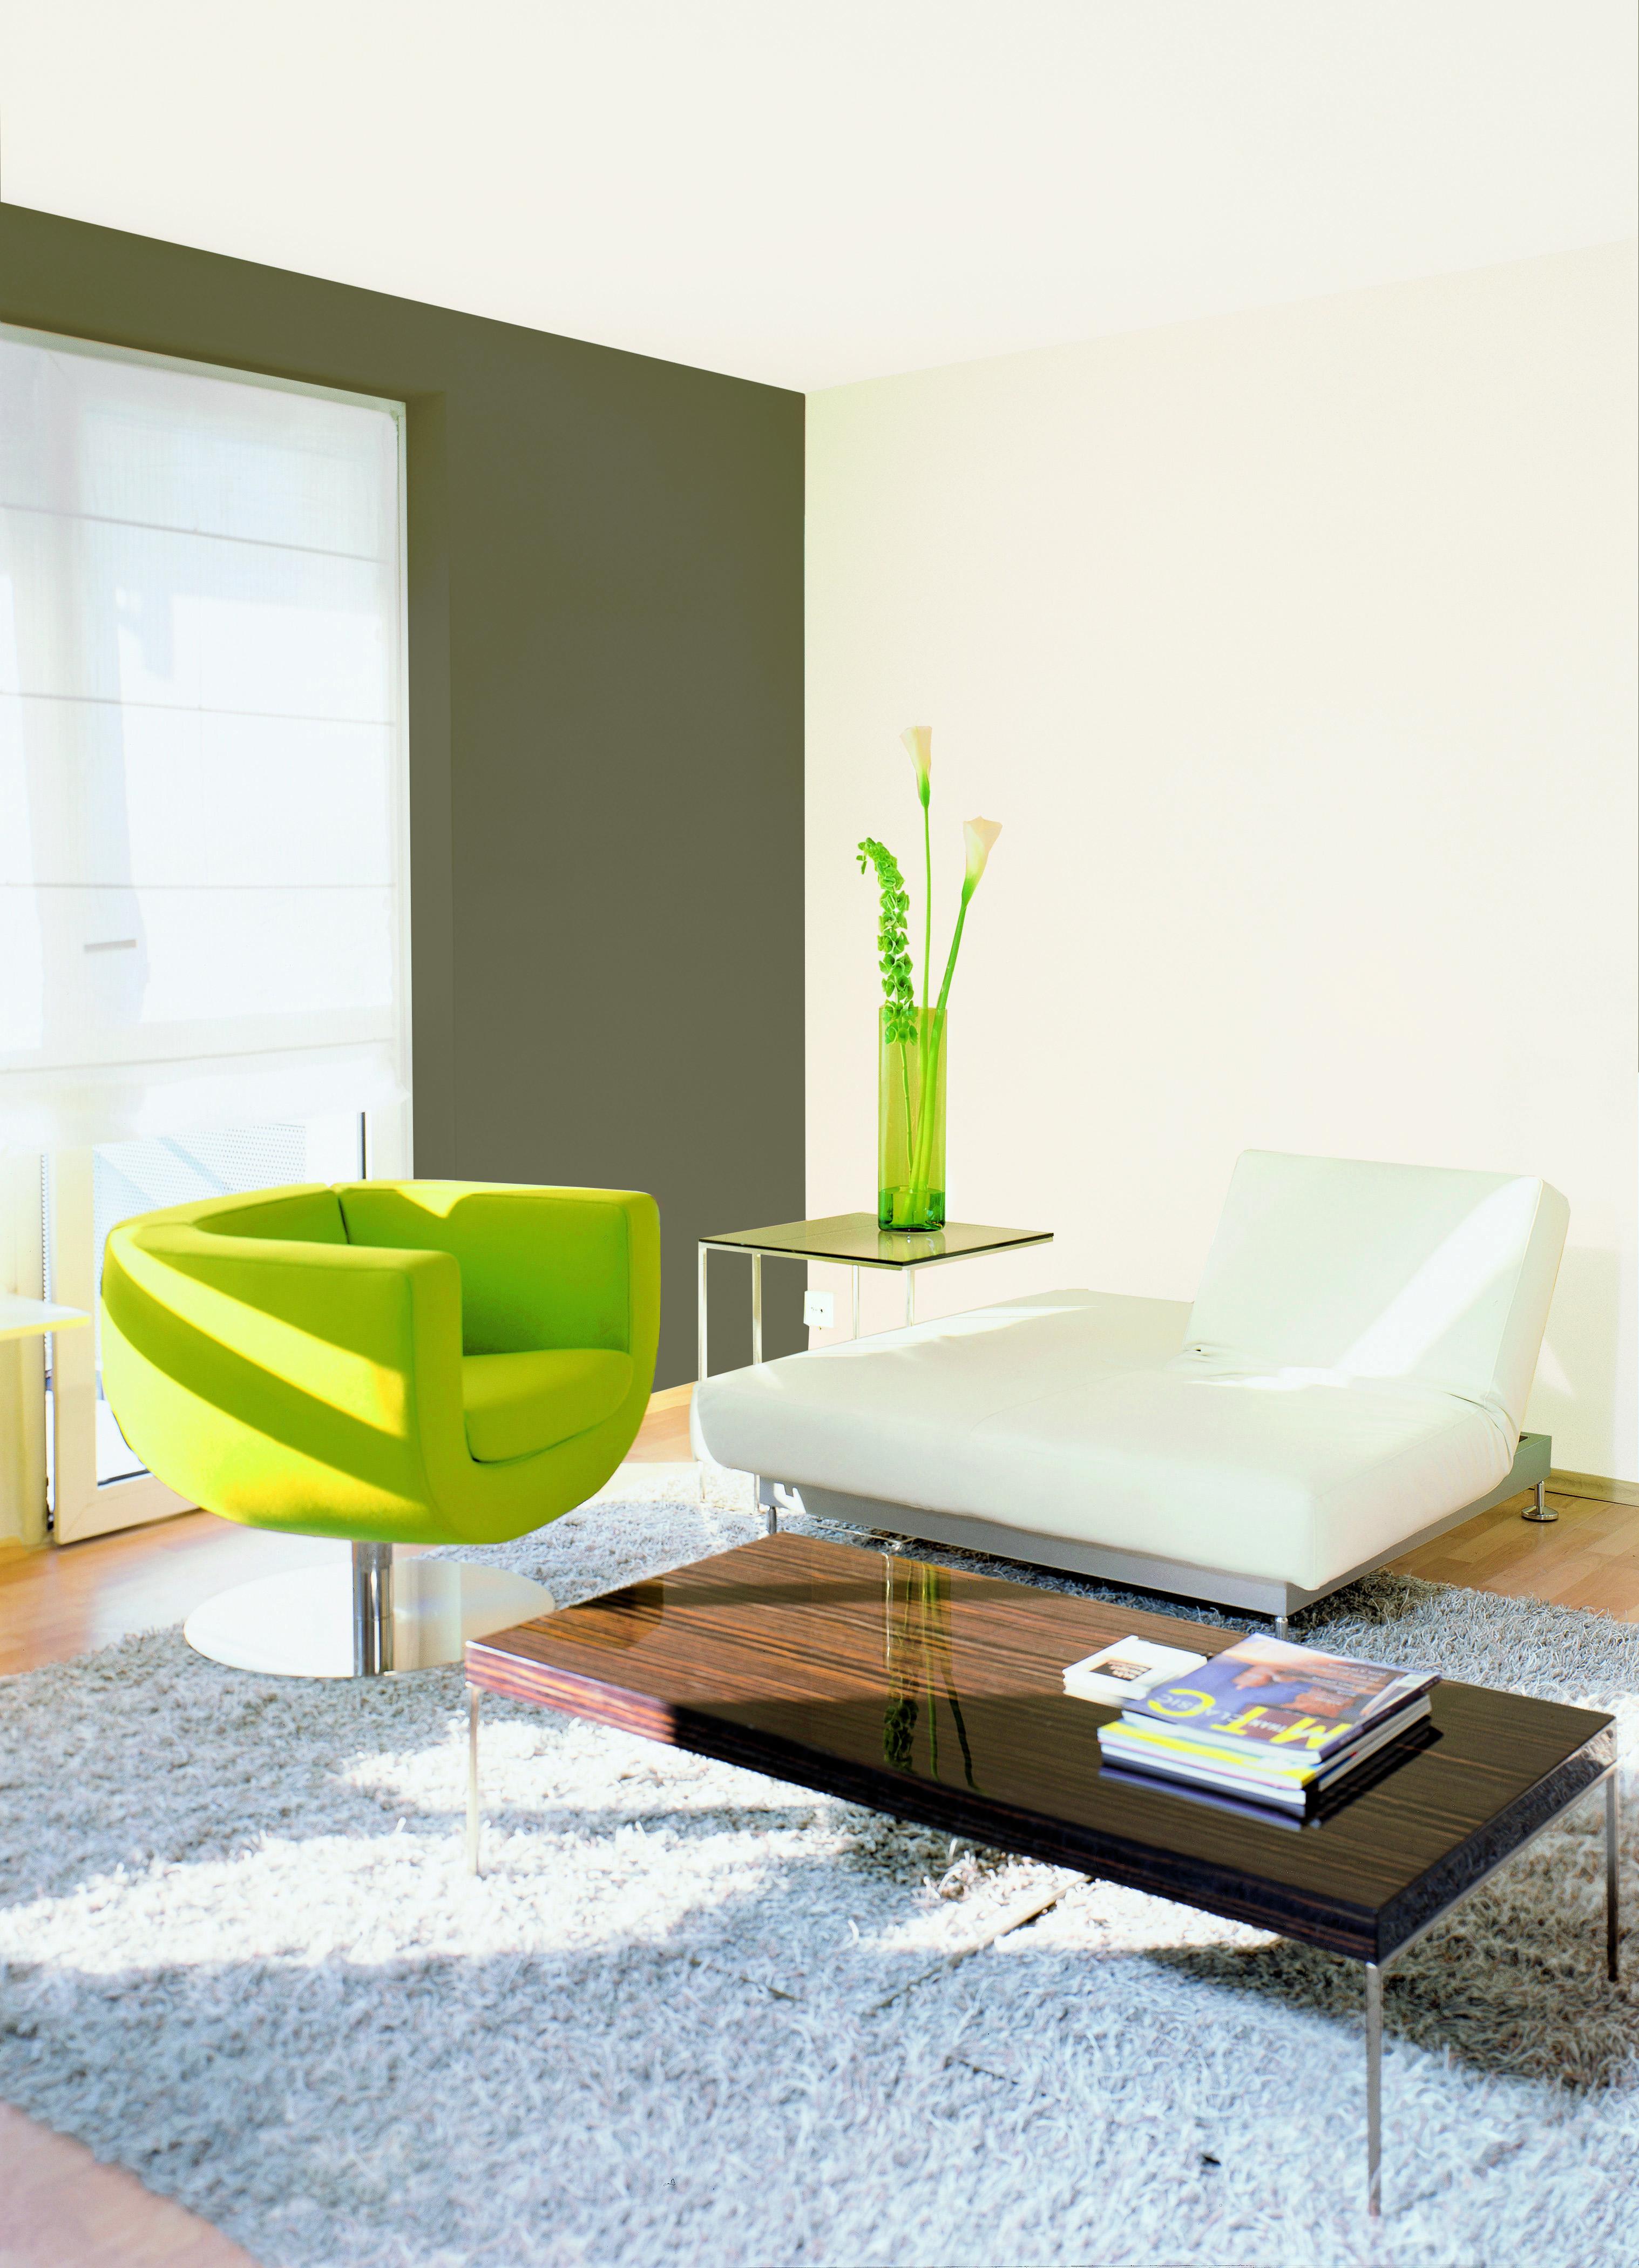 farb wirkung von beige braun im raum alpina farbe wirkung. Black Bedroom Furniture Sets. Home Design Ideas